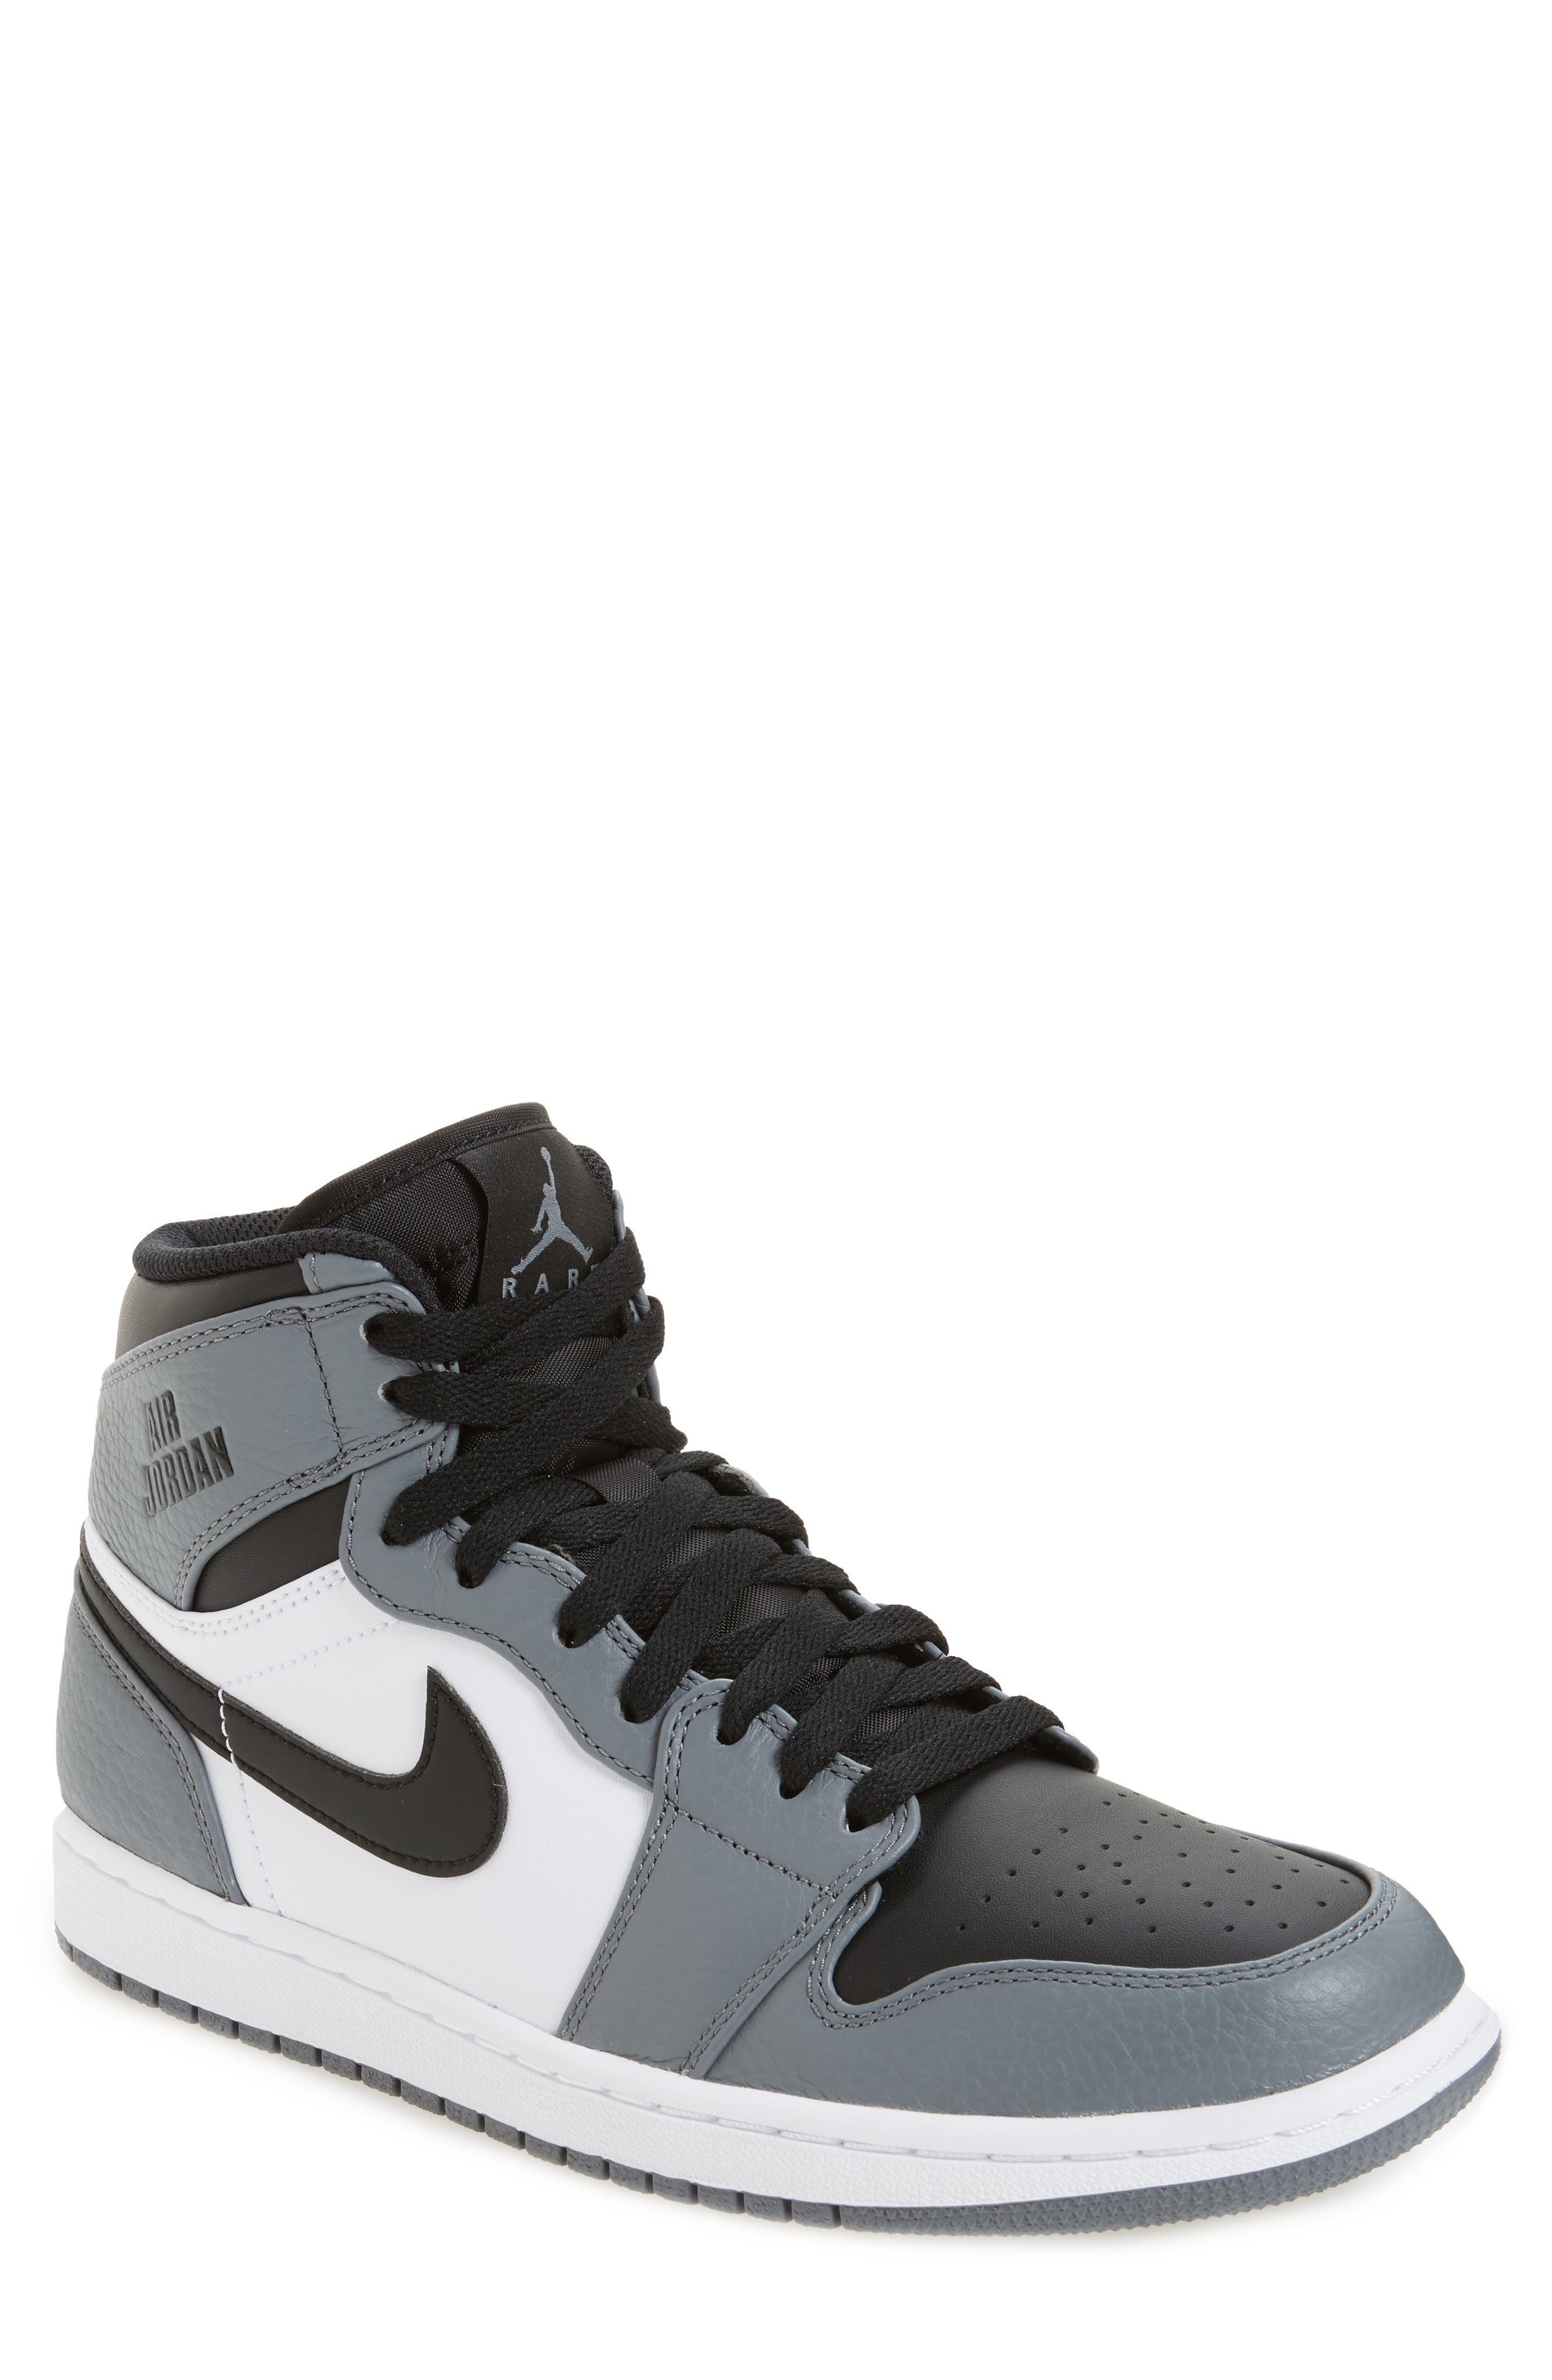 Alternate Image 1 Selected - Nike 'Air Jordan 1 Retro' High Top Sneaker (Men)